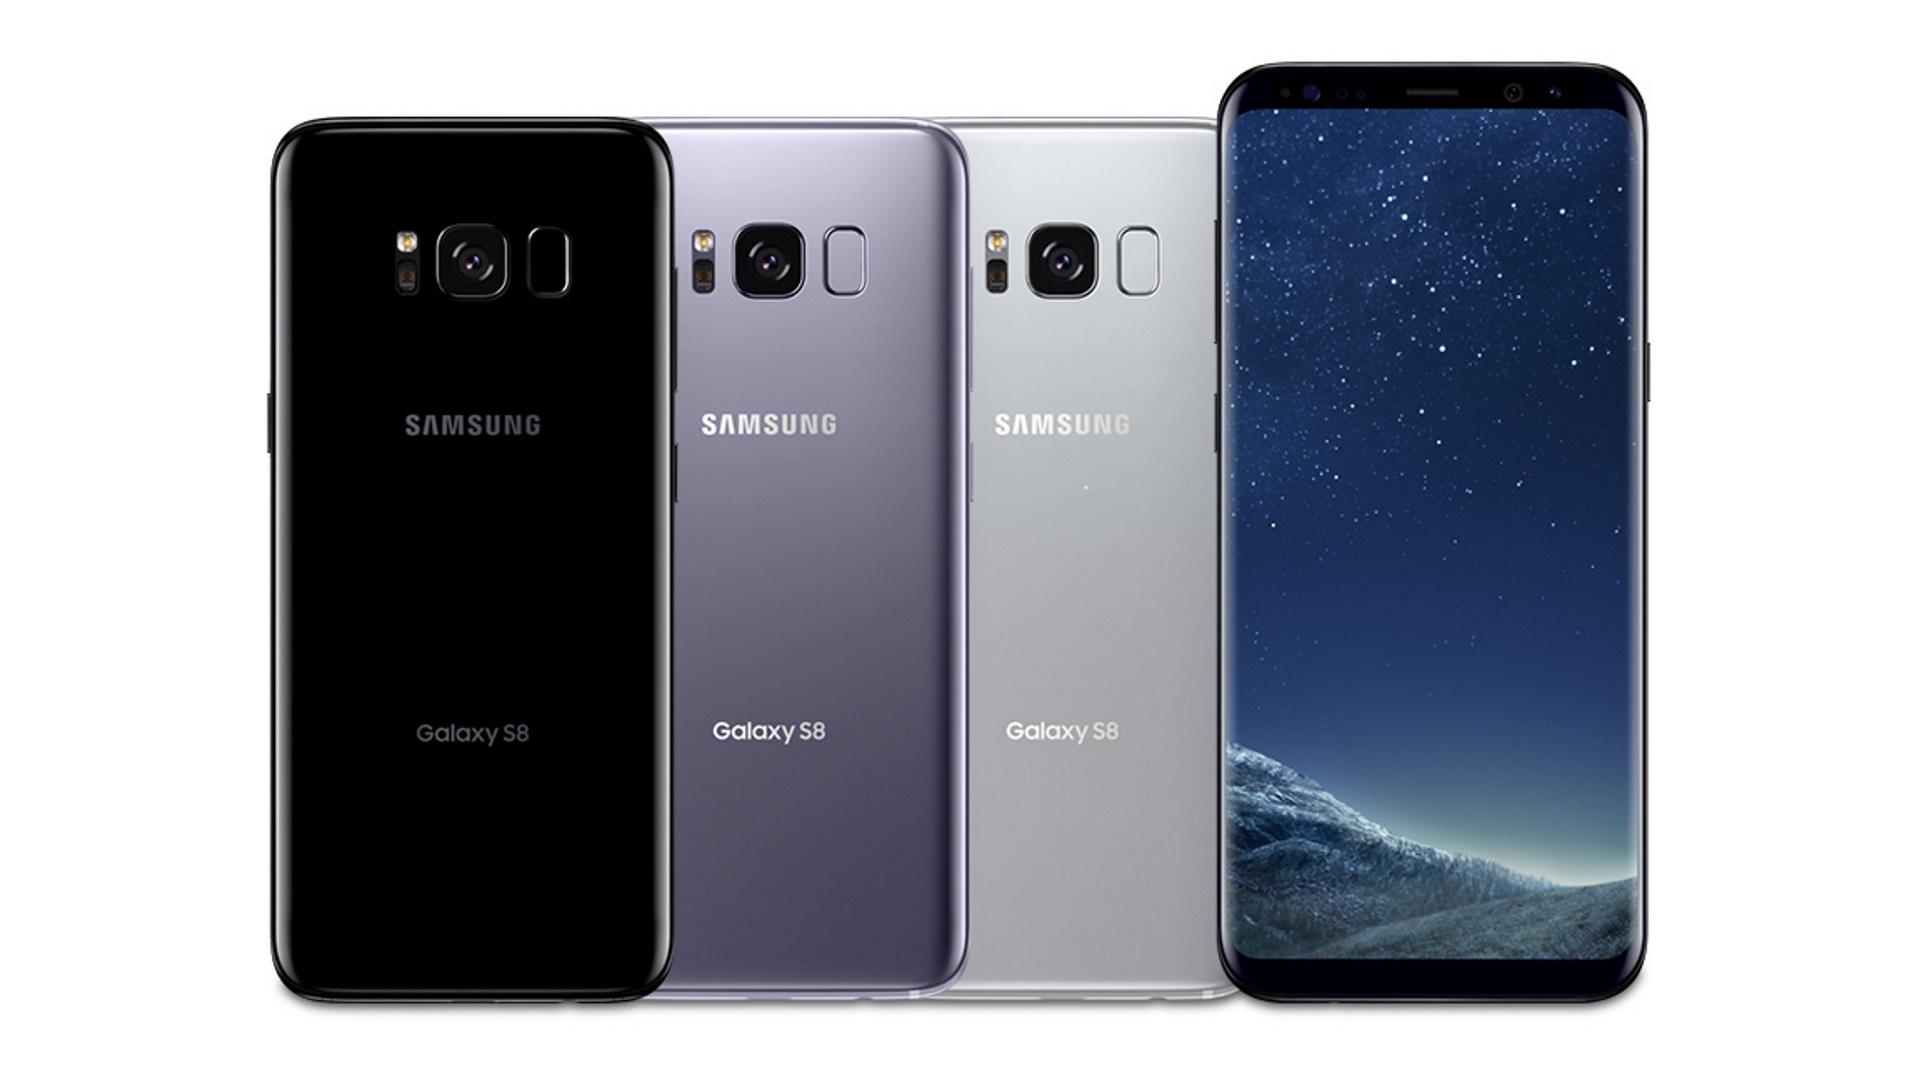 ドイツ/フランス/スペイン/イタリアのAmazonが「Galaxy S8(SM-G950F)/ S8+(SM-G955F)」の予約を開始、それぞれ日本直送に対応